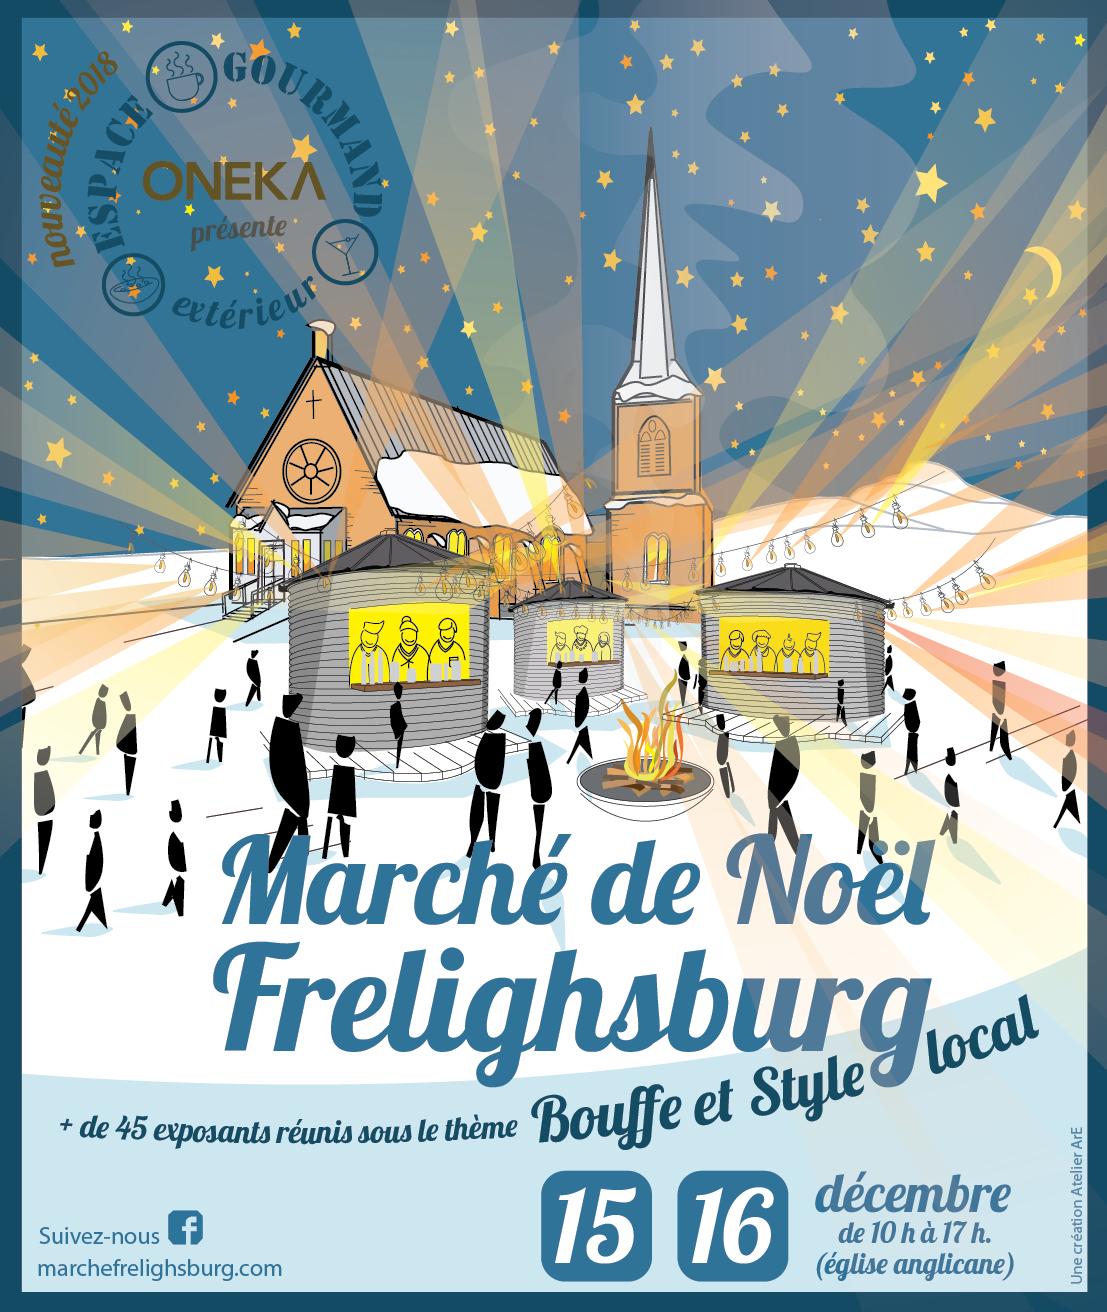 Affiche officielle du marché de Noël de Frelighsburg